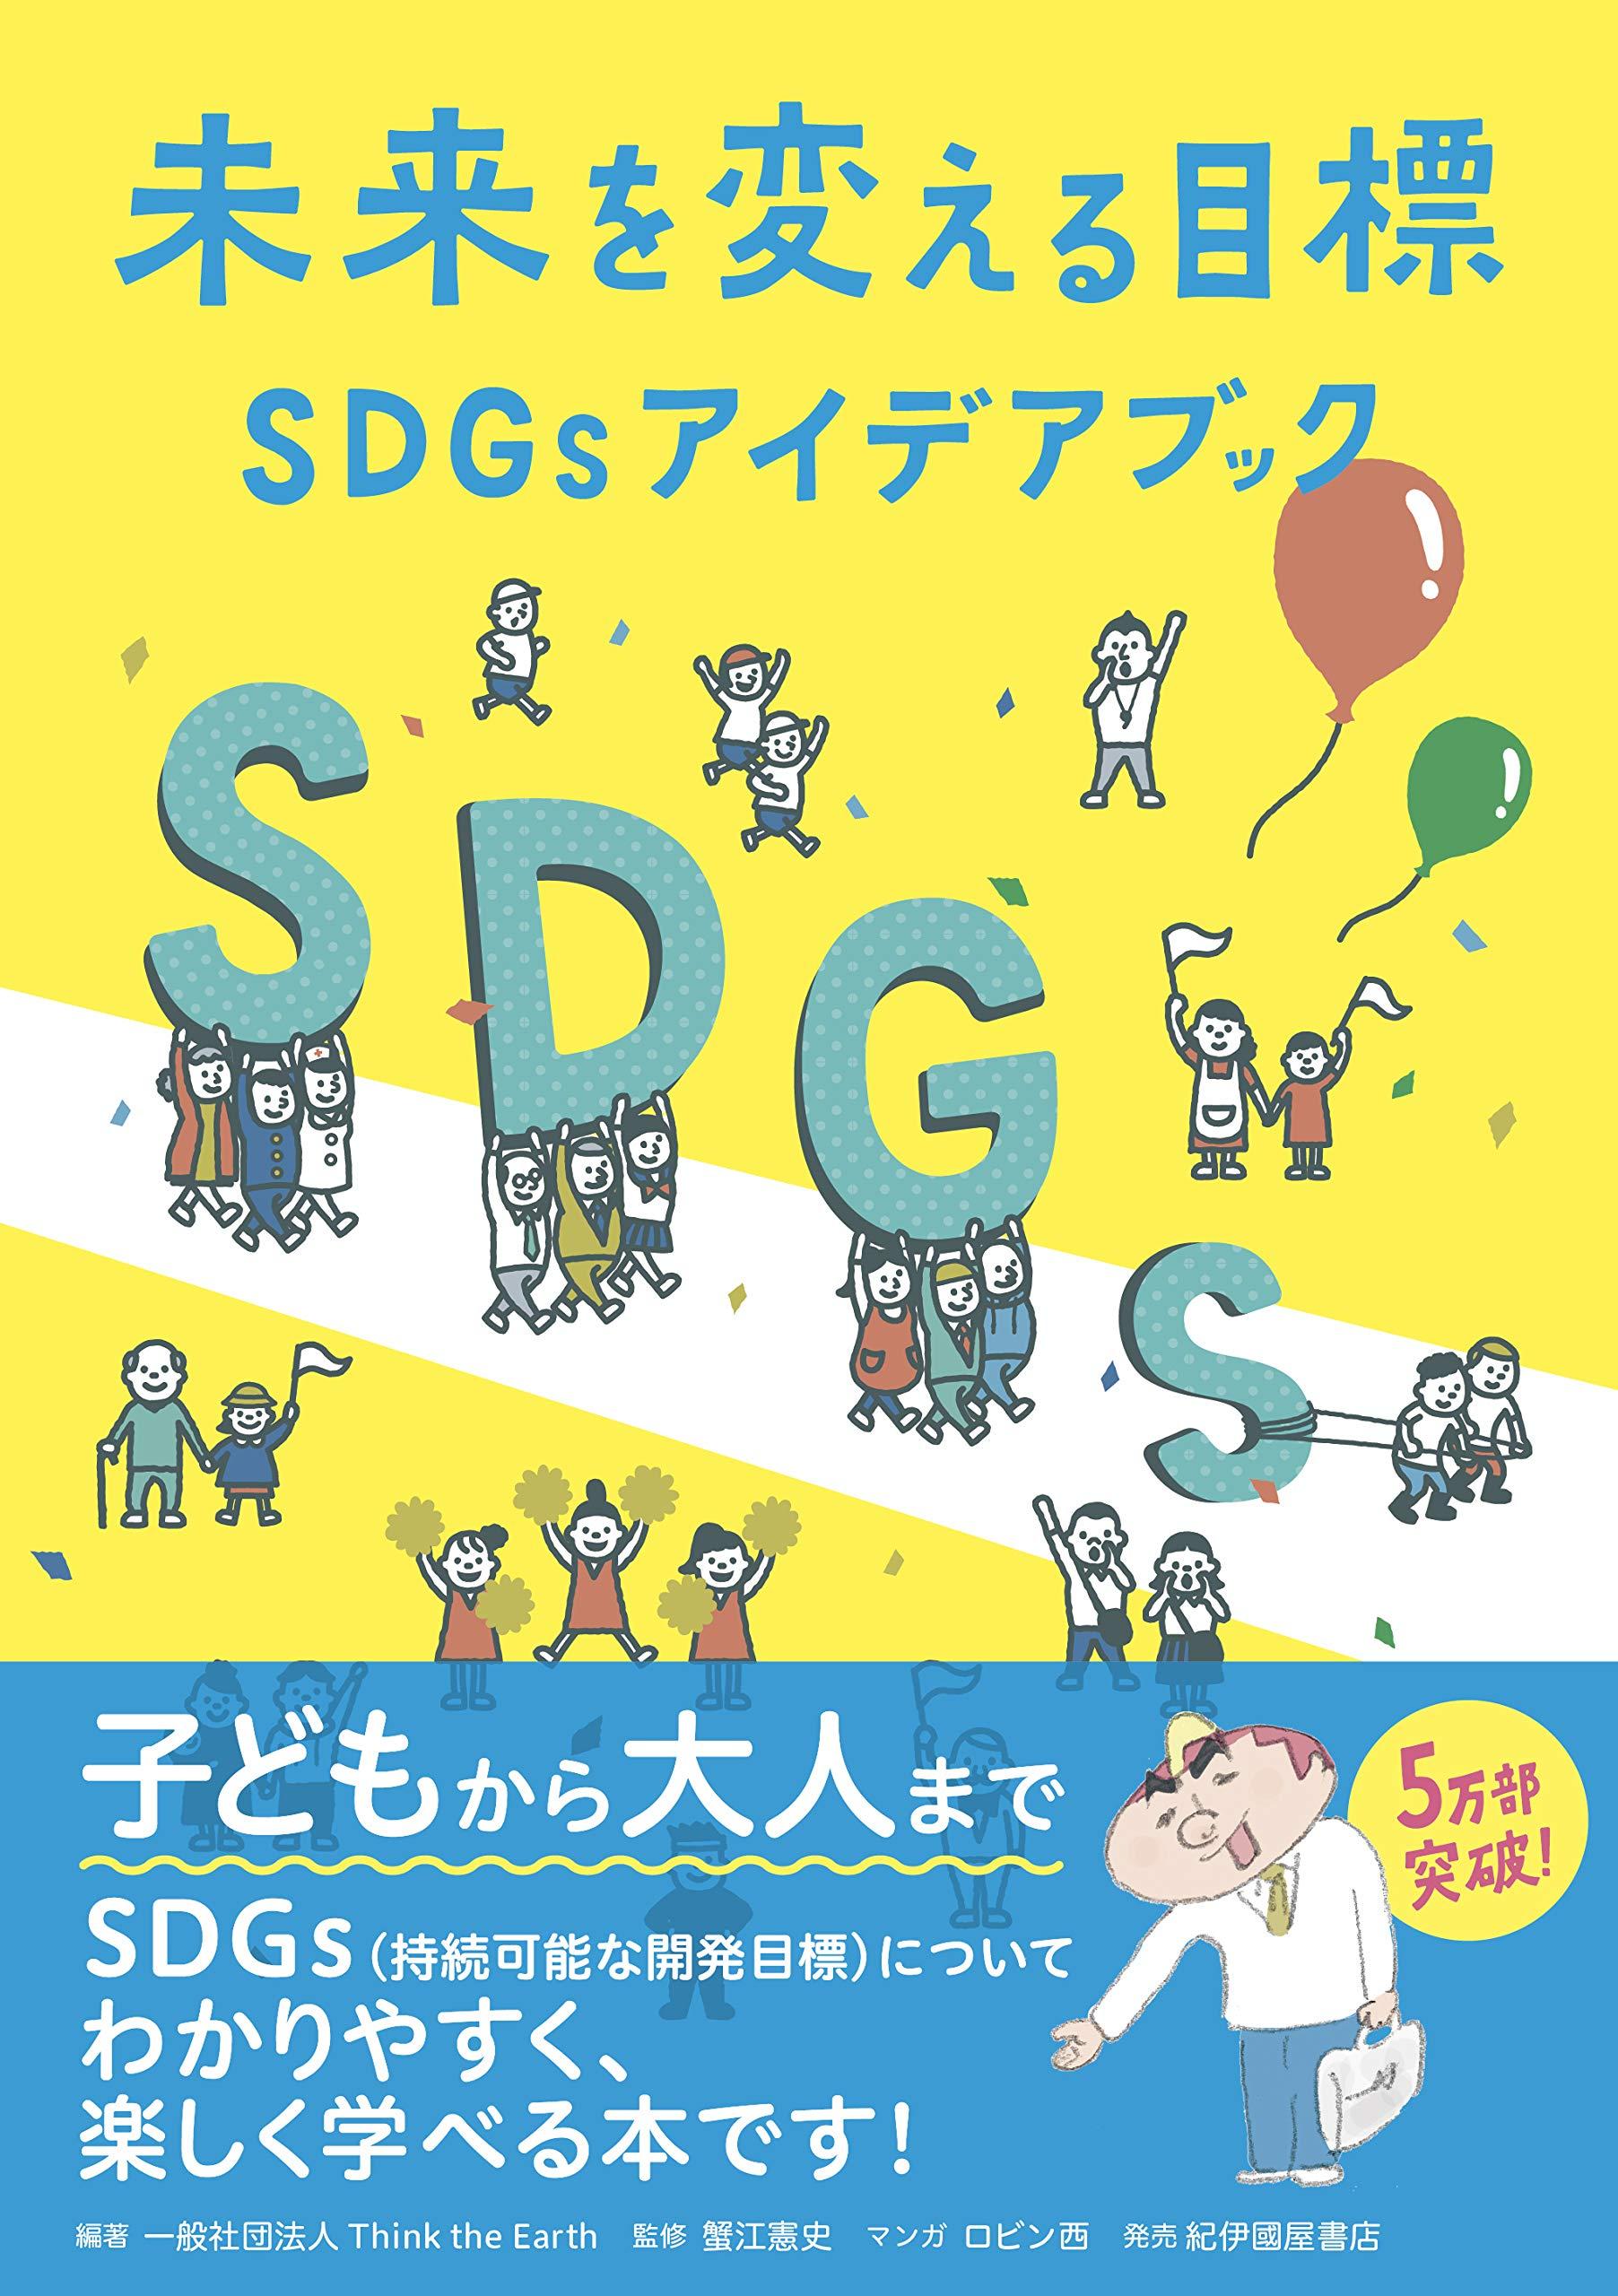 【連載第2回】生徒とSDGsの出会い【探究×SDGs】